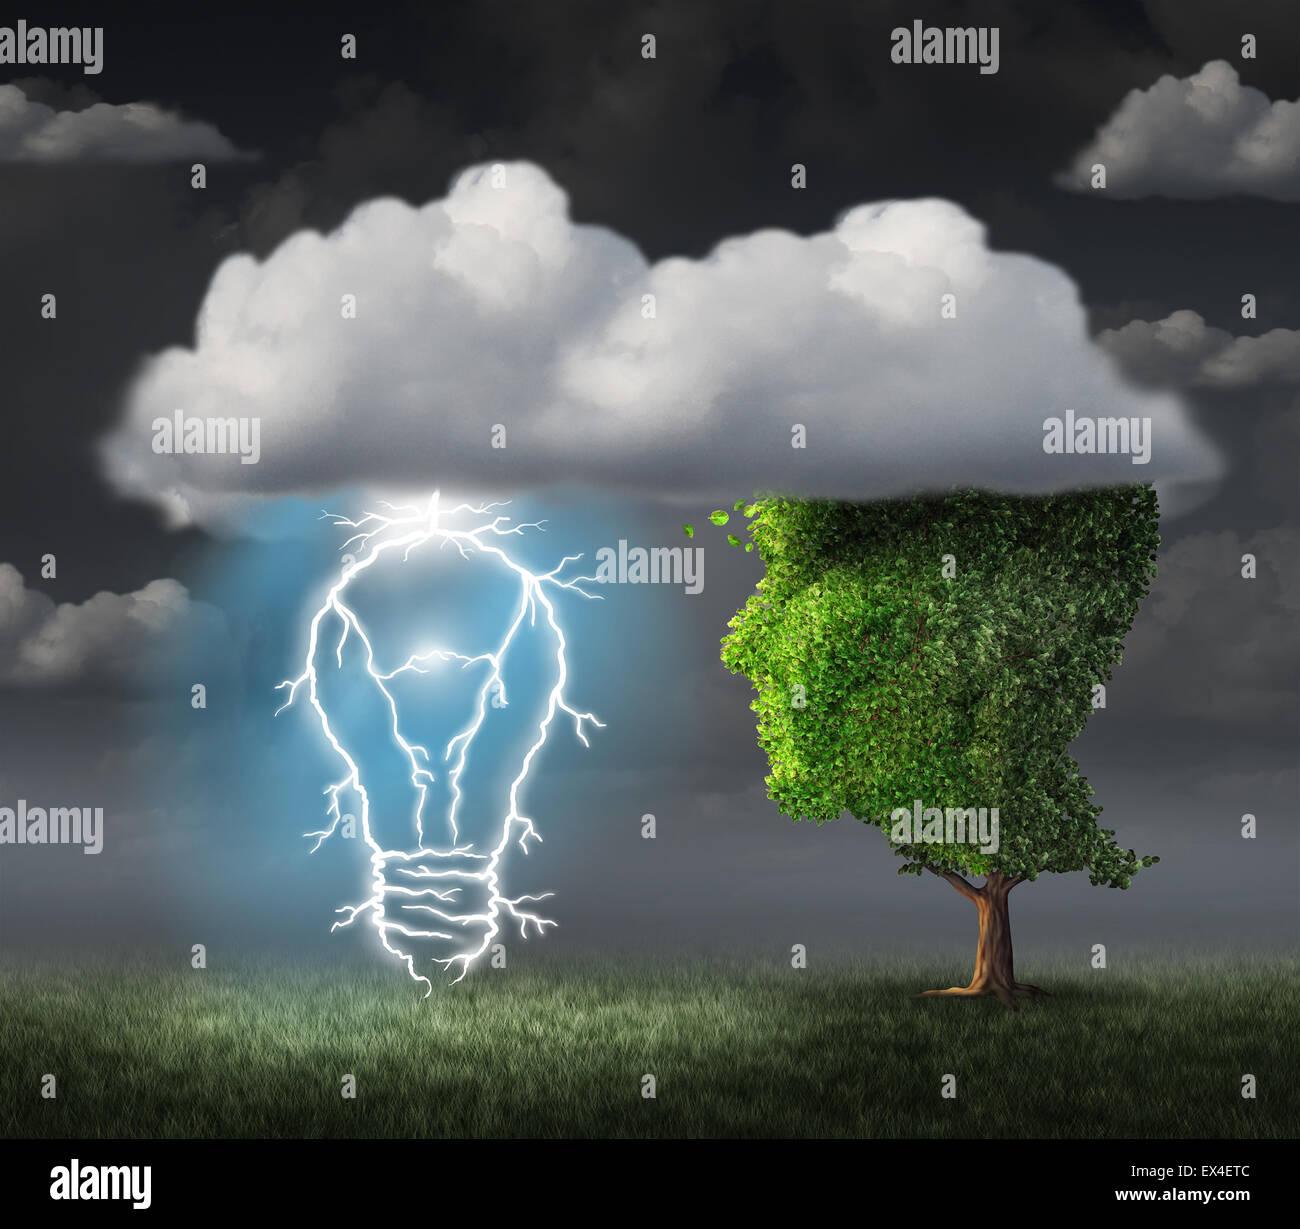 Business idea nozione come un albero a forma di una faccia sotto una nuvola con un elettrico fulmine nella forma Immagini Stock